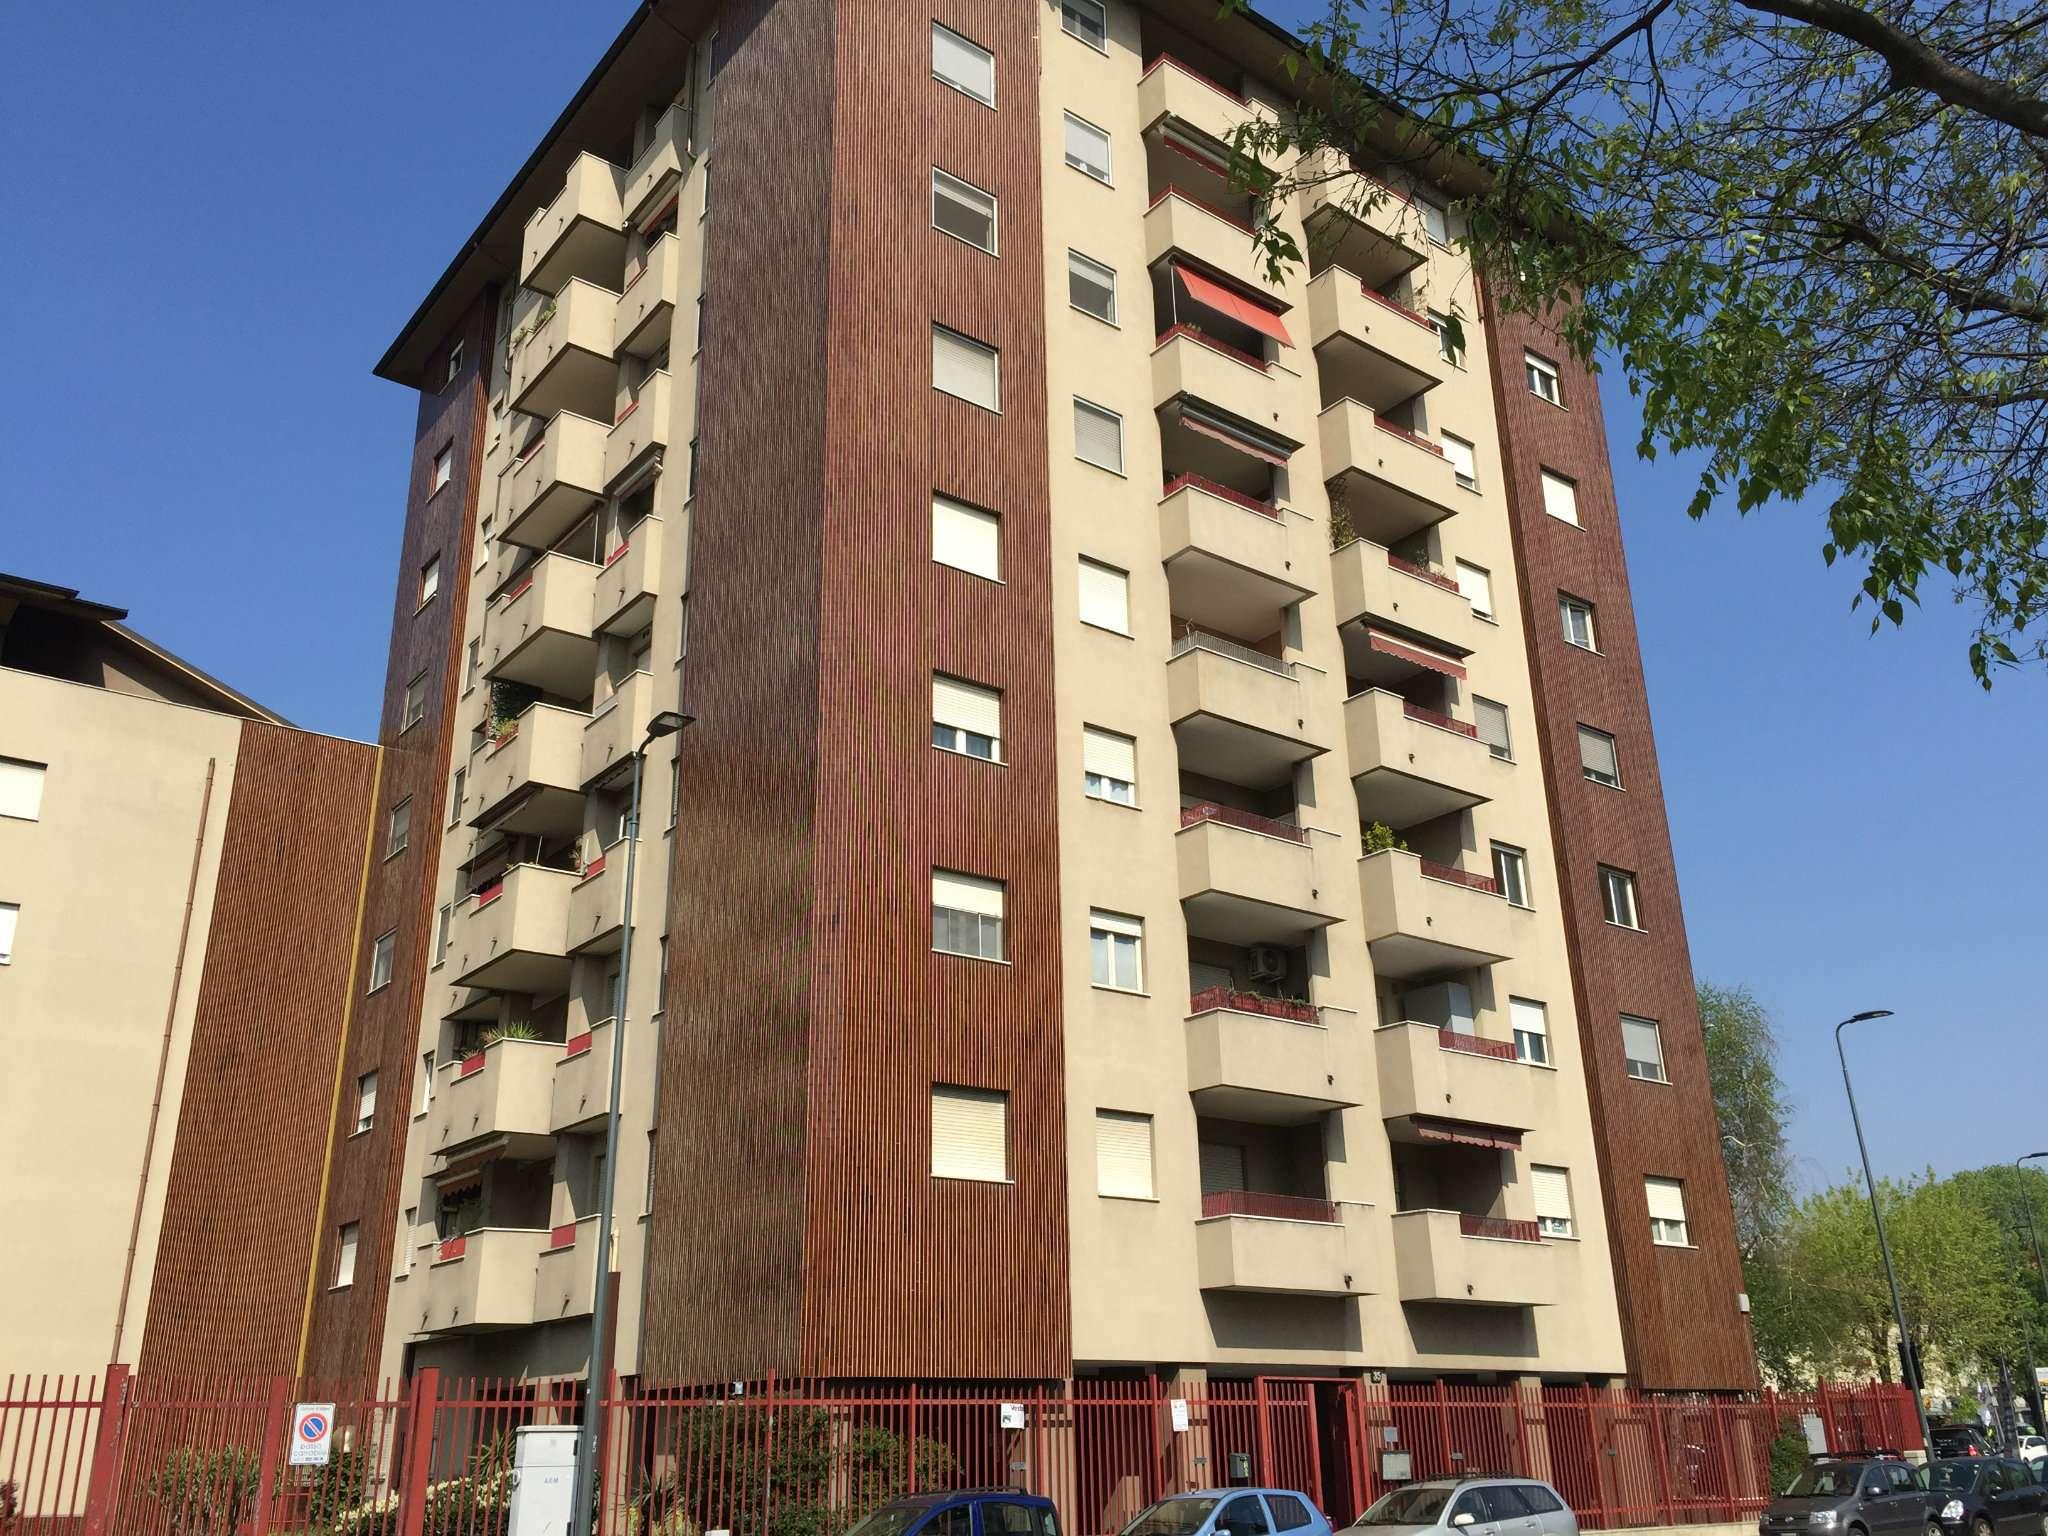 Appartamento in Vendita a Milano 18 Ippodromo / San Siro / Zavattari:  3 locali, 105 mq  - Foto 1